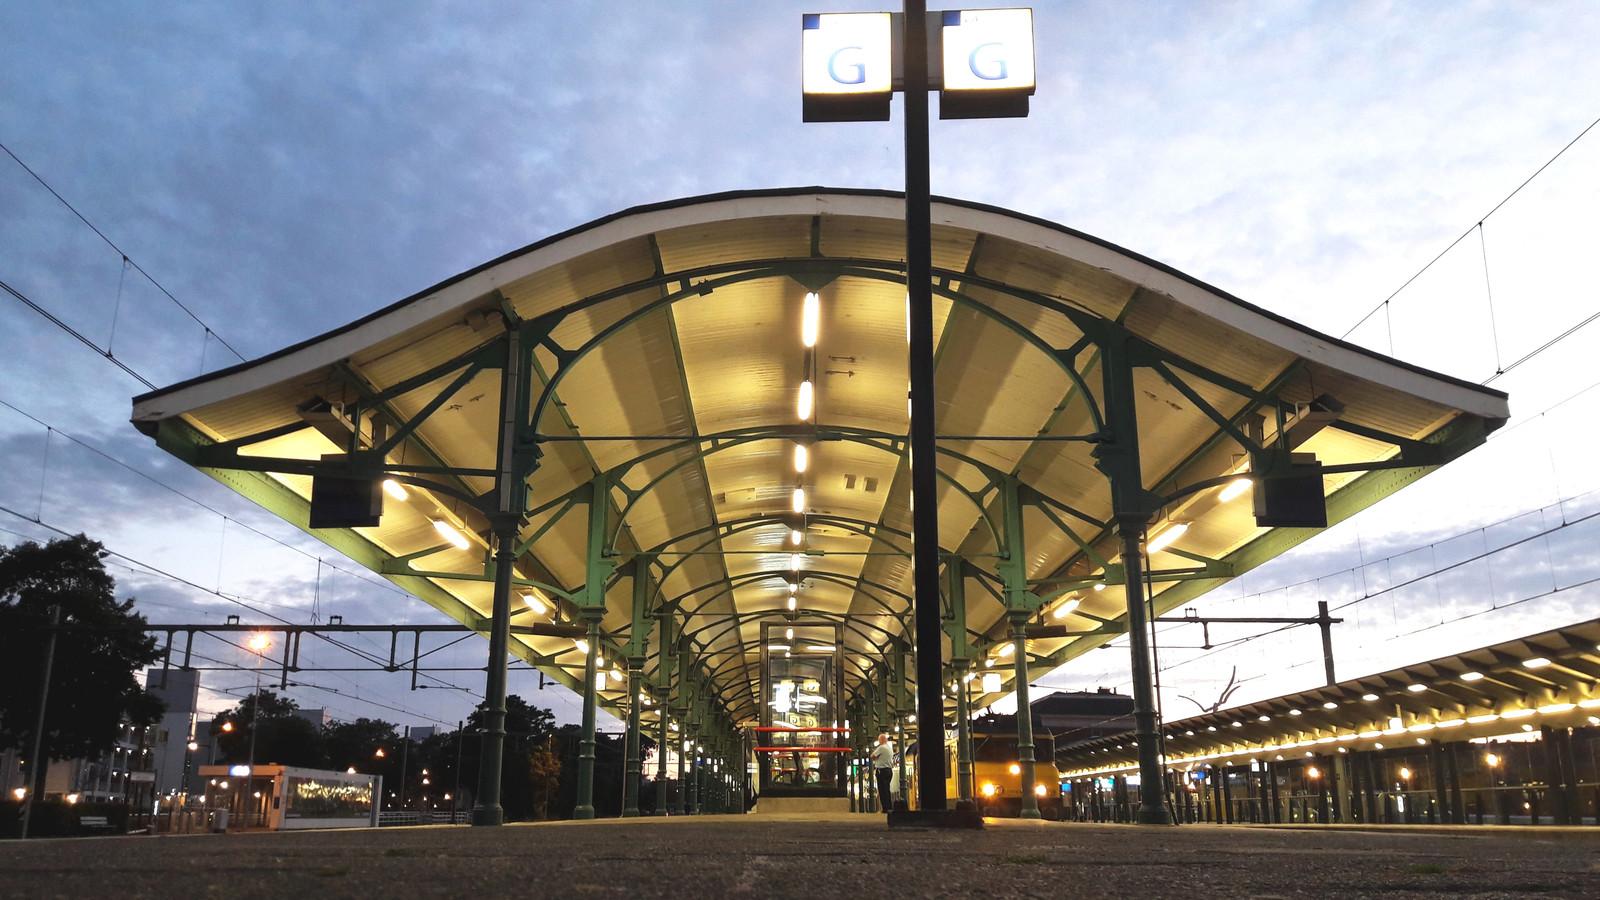 station apeldoorn nu nog met tl bakken straks met led verlichting